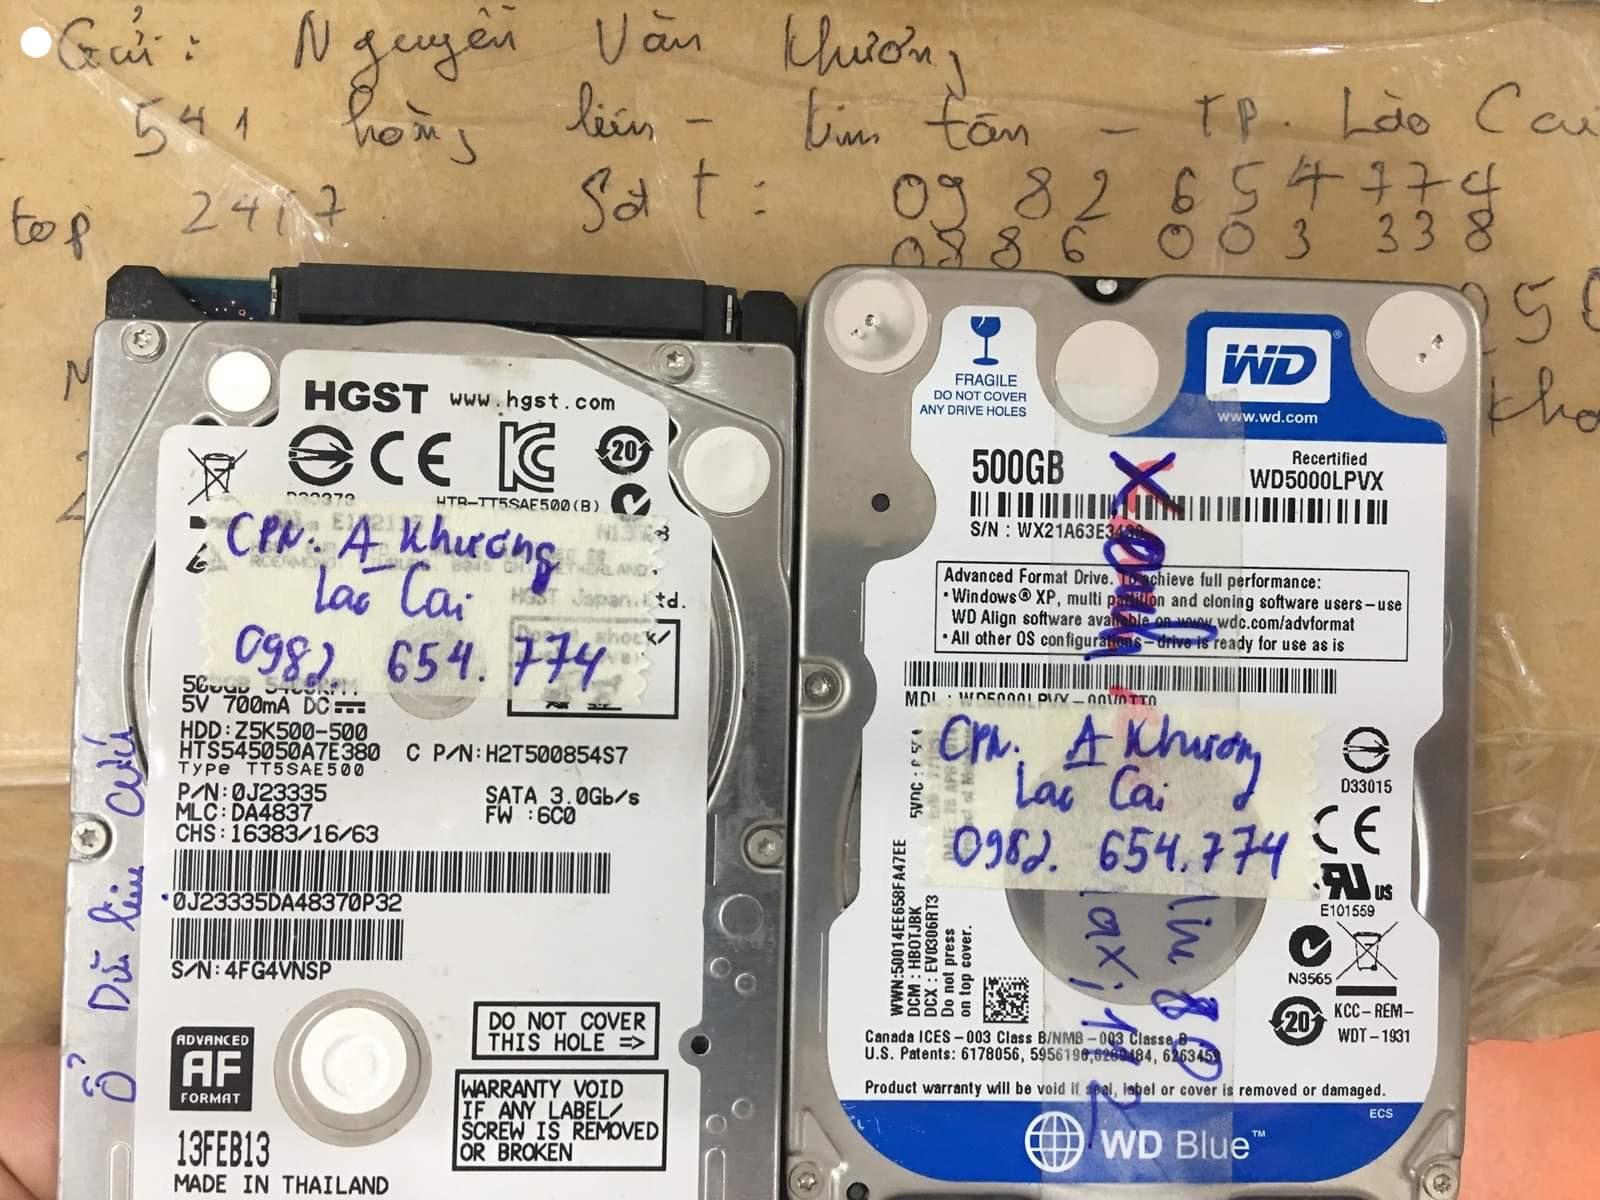 Cứu dữ liệu ổ cứng HGST 500GB nước vào tại Lào Cai 30/07/2020 - cuumaytinh